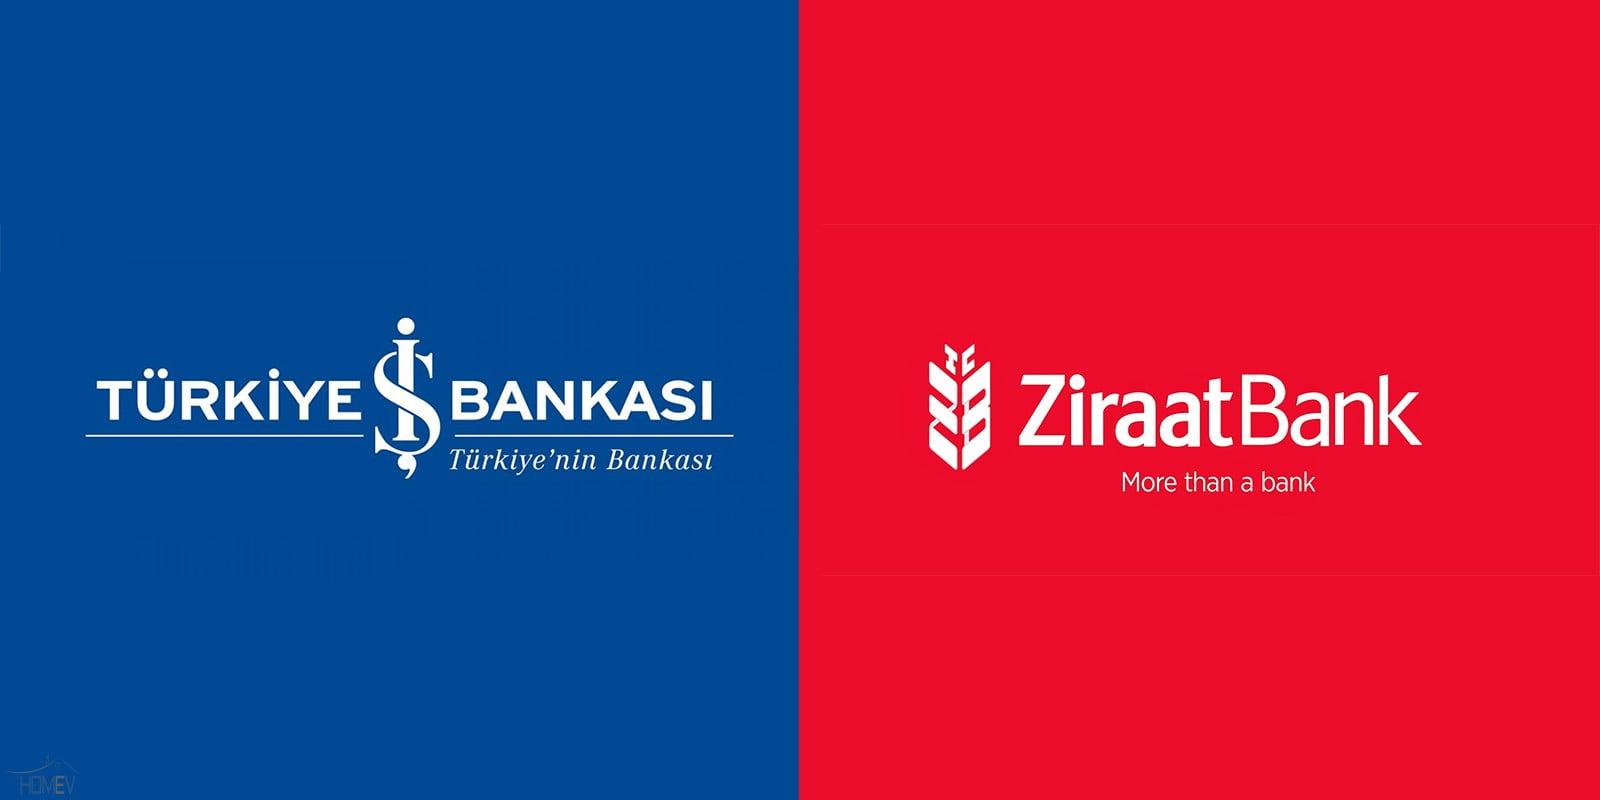 بهترین بانکهای ترکیه برای ایرانیان